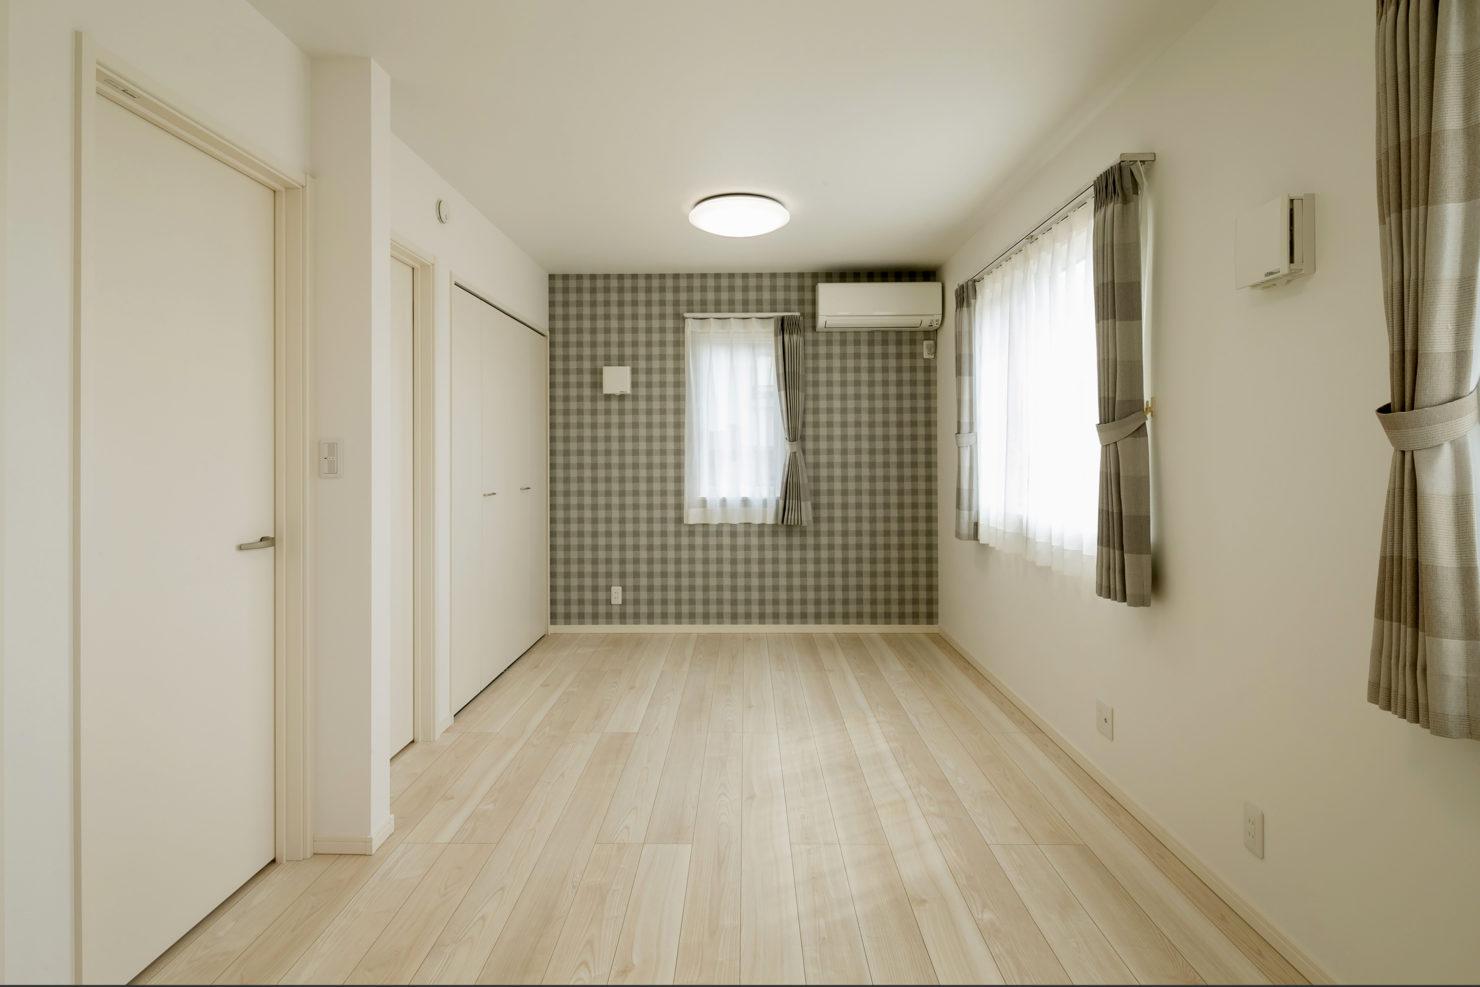 ハウスM21 盛岡市黒石野建売住宅 子供室写真